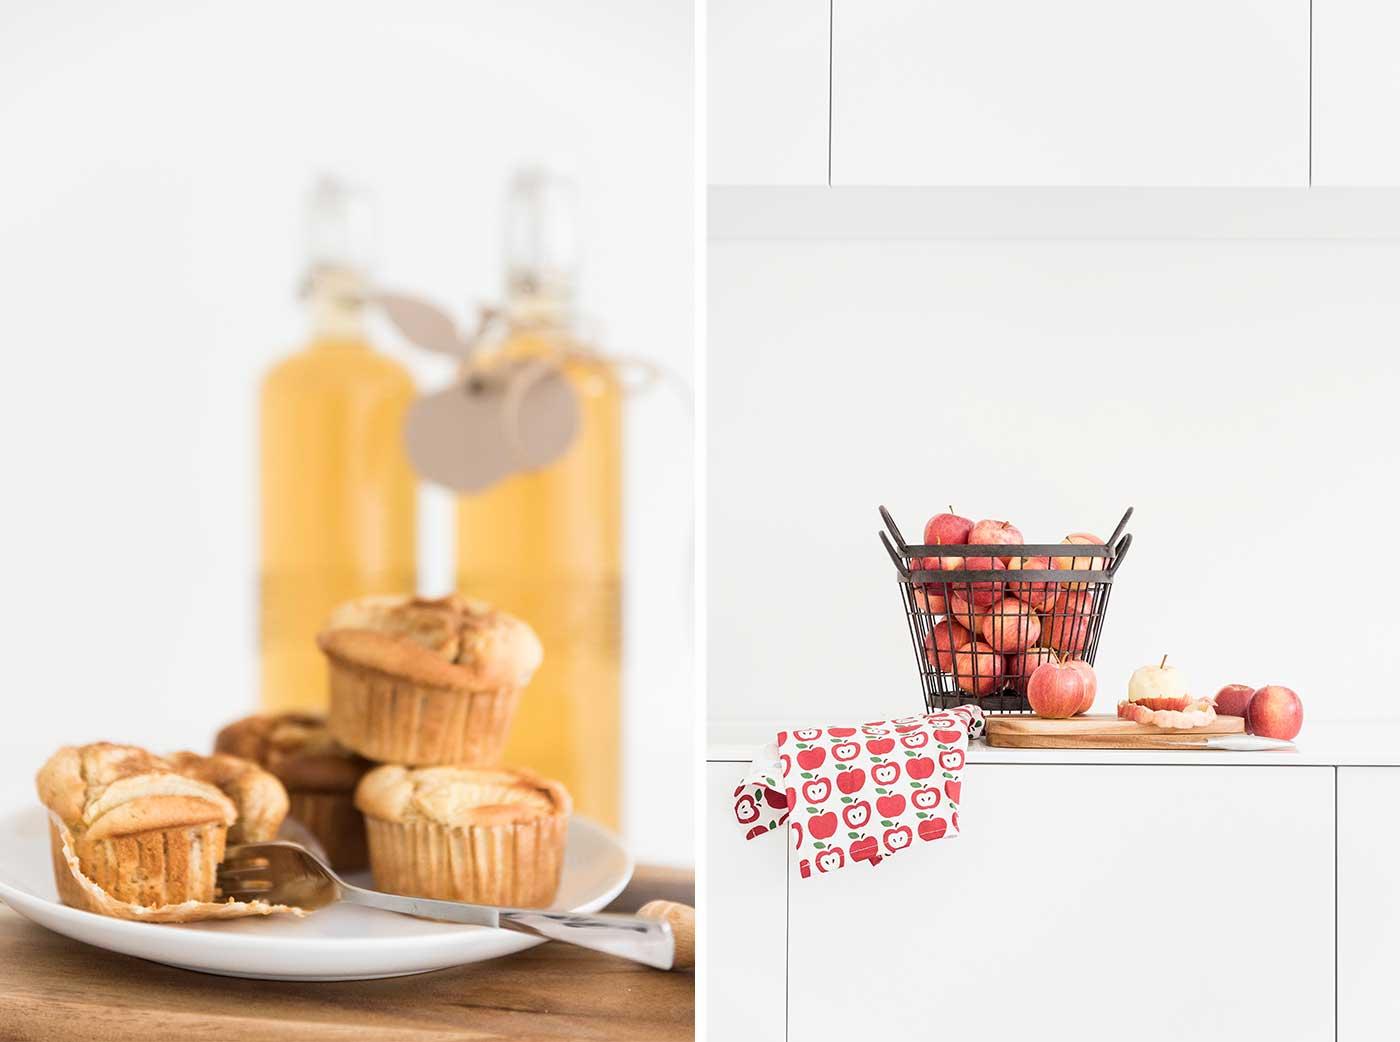 Wir feiern ein Apfelfest mit Apfelmuffins.